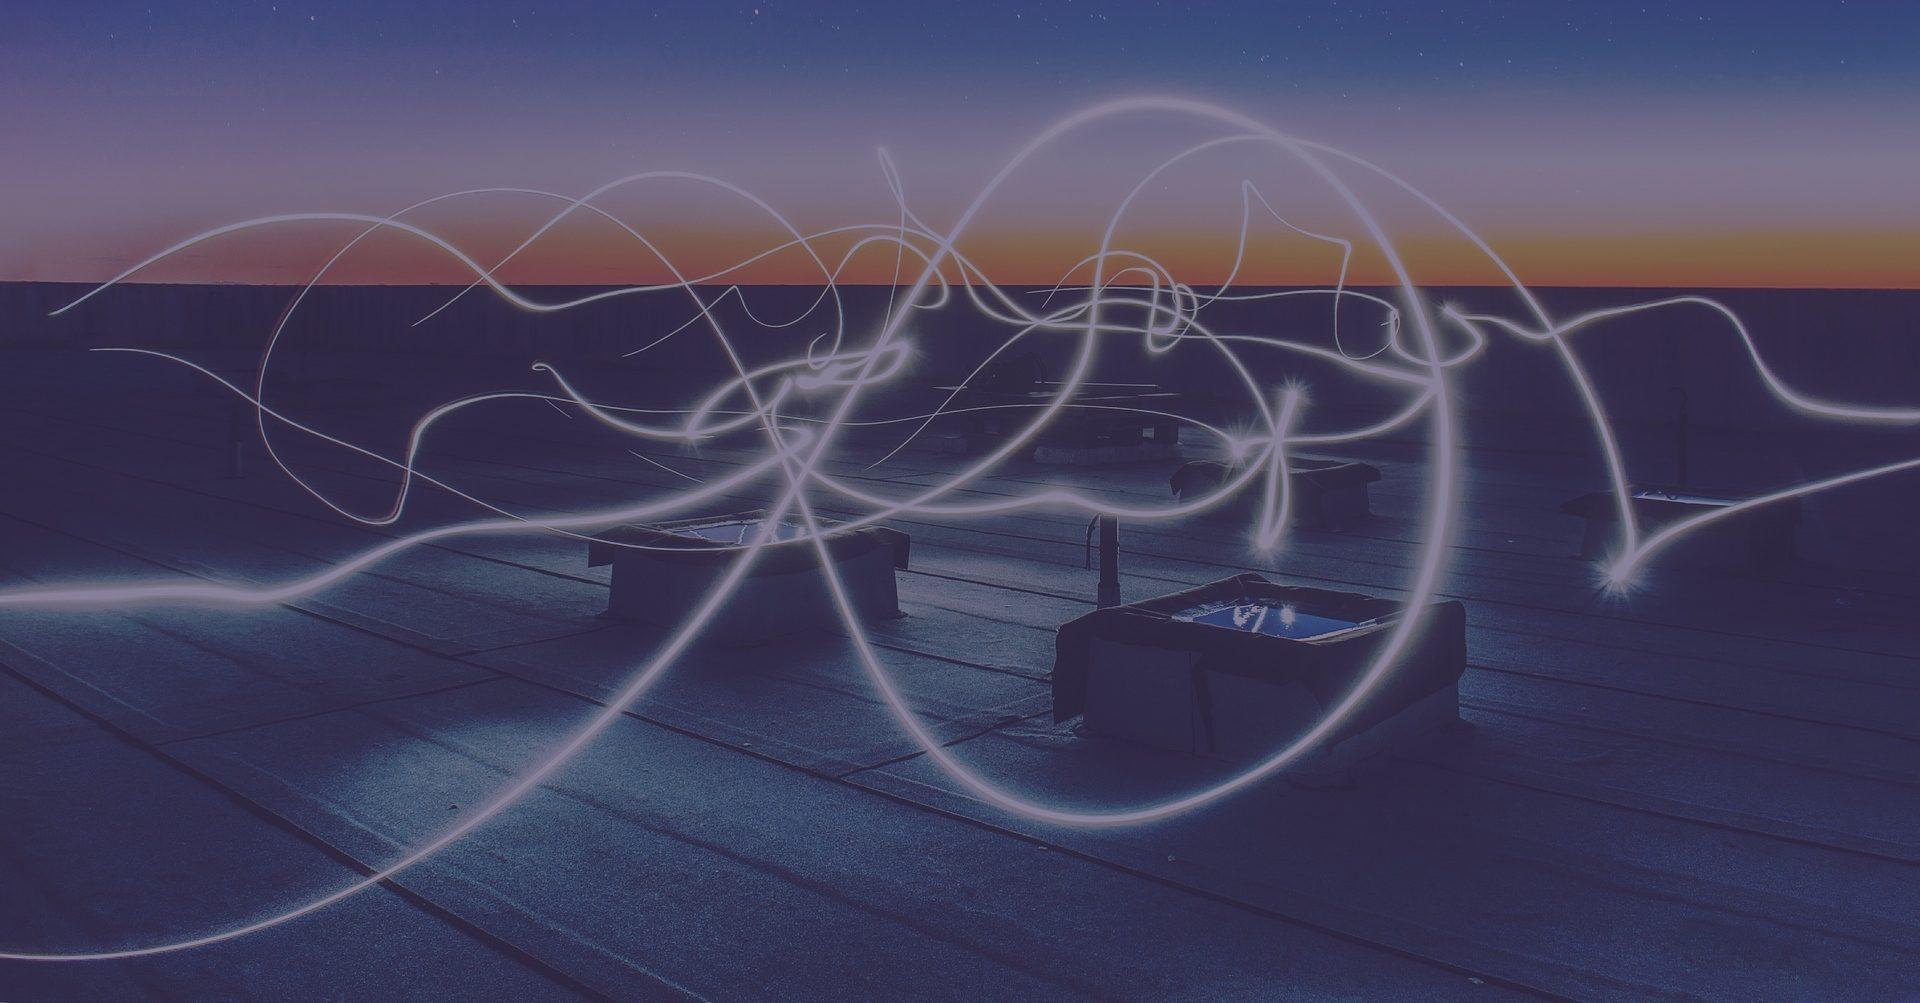 الکترو جلفا